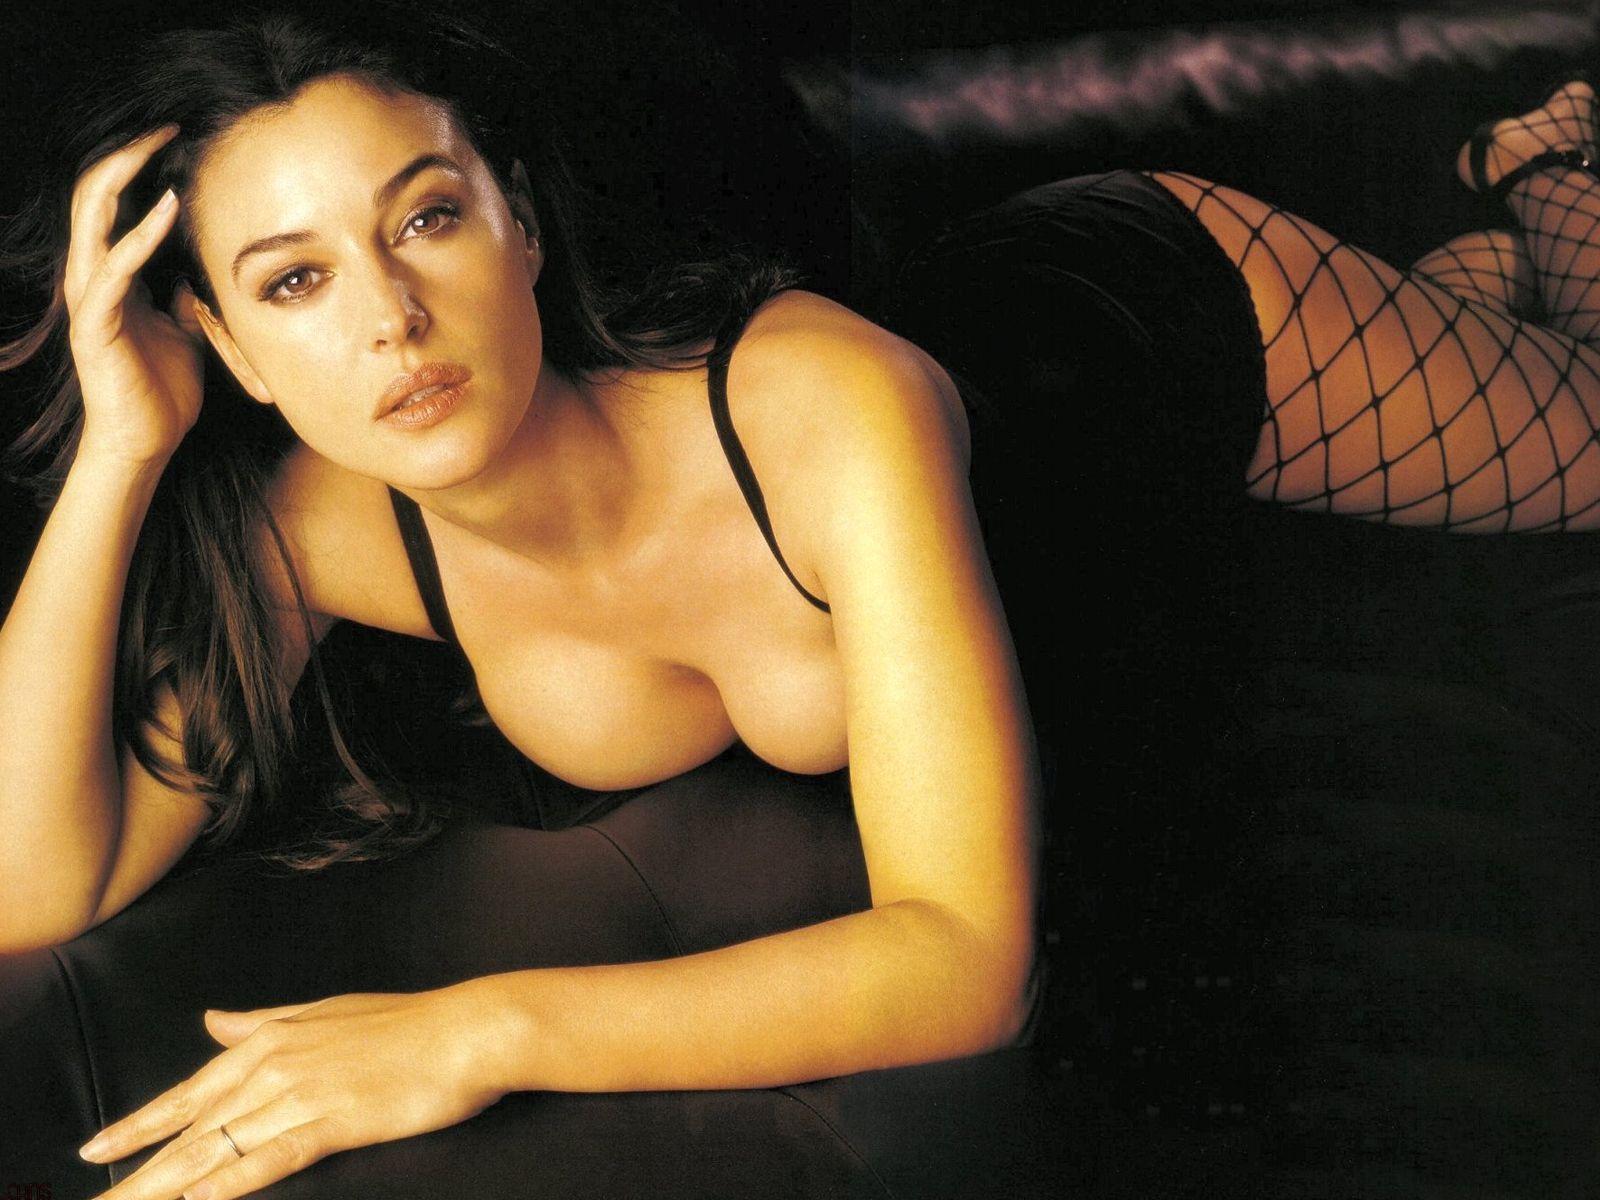 """Monica Bellucci: """"Non mi vergogno, bello essere diva con le rughe"""""""